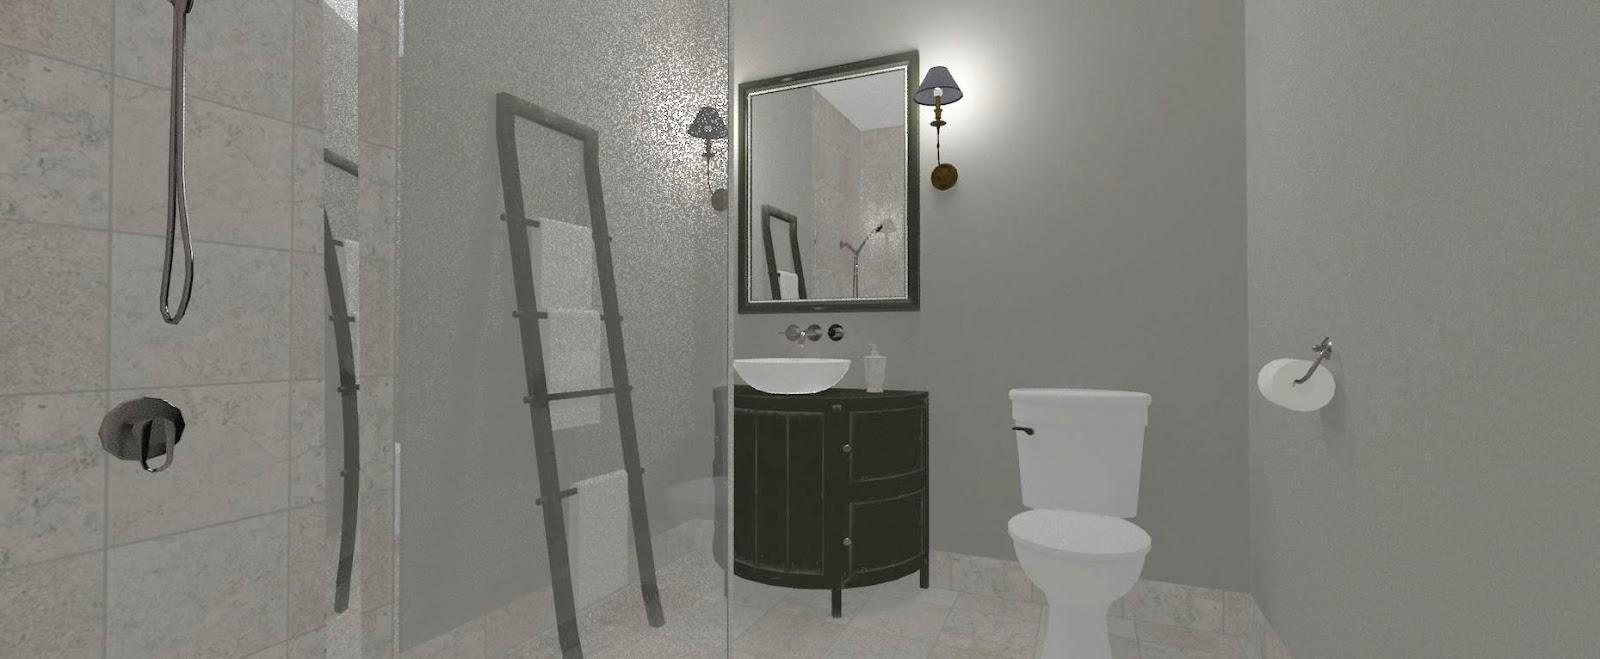 Dreams & Coffees arkitekt- och projektblogg: Bygglovshandlingar ...